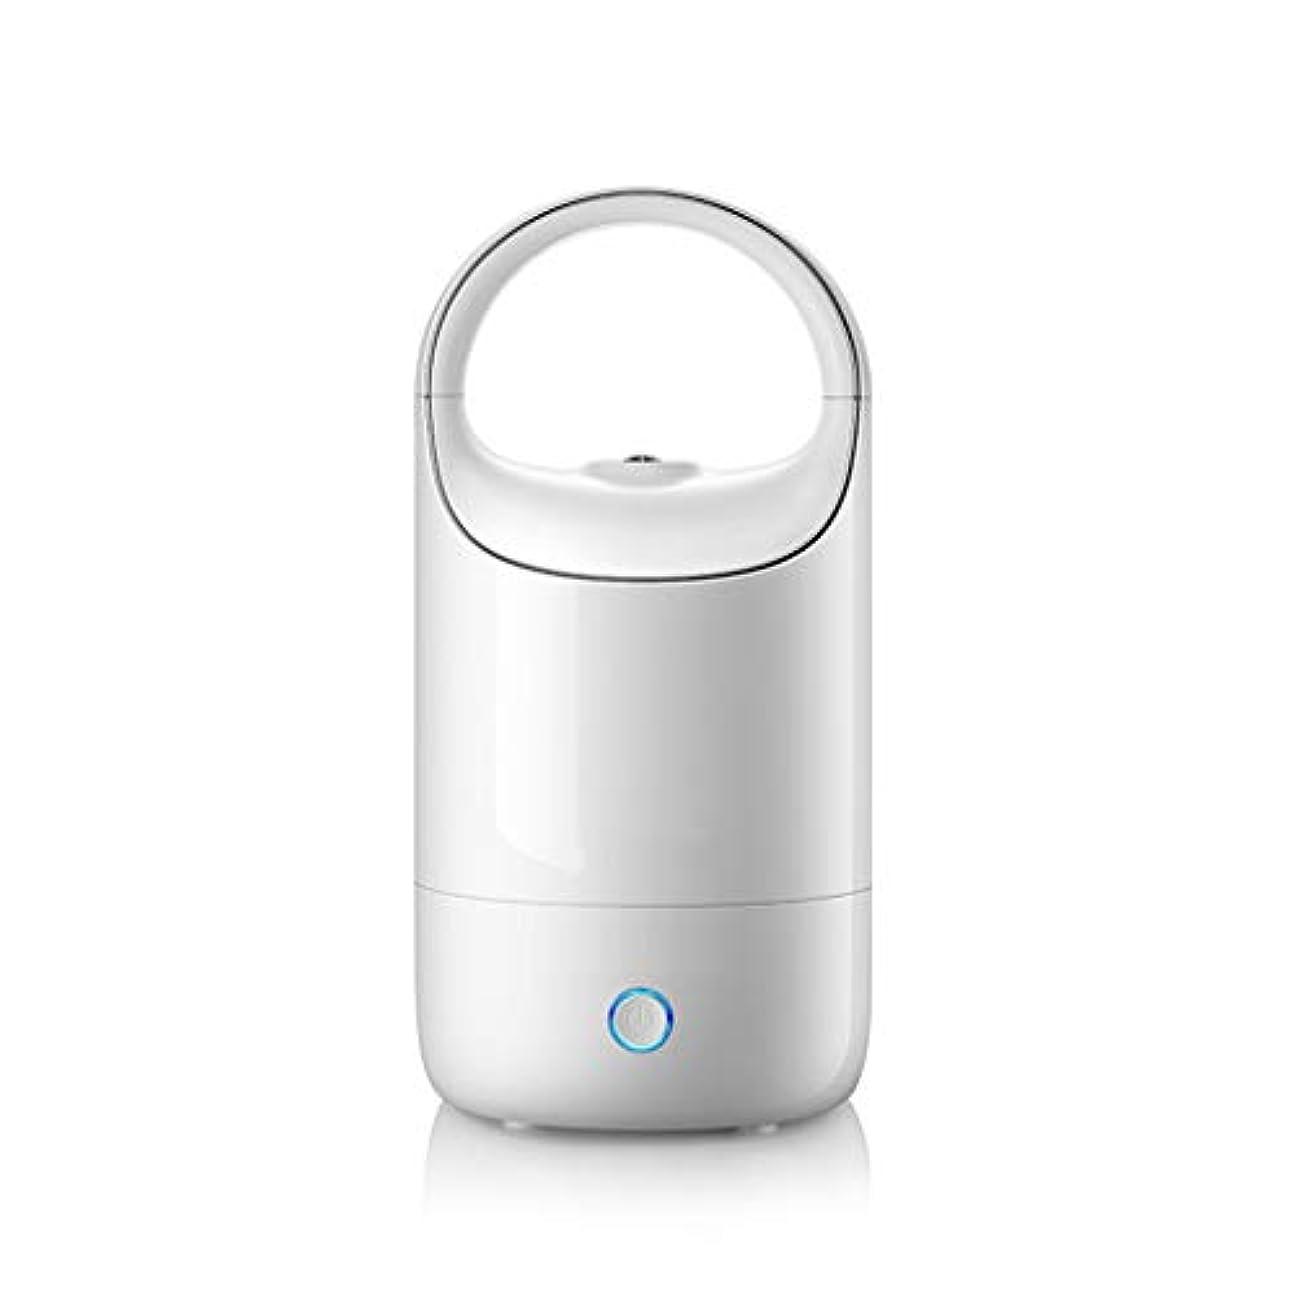 はっきりしないの配列くしゃみ空気加湿器ホームサイレント寝室妊婦赤ちゃん空気霧大容量ディフューザー (Color : White)